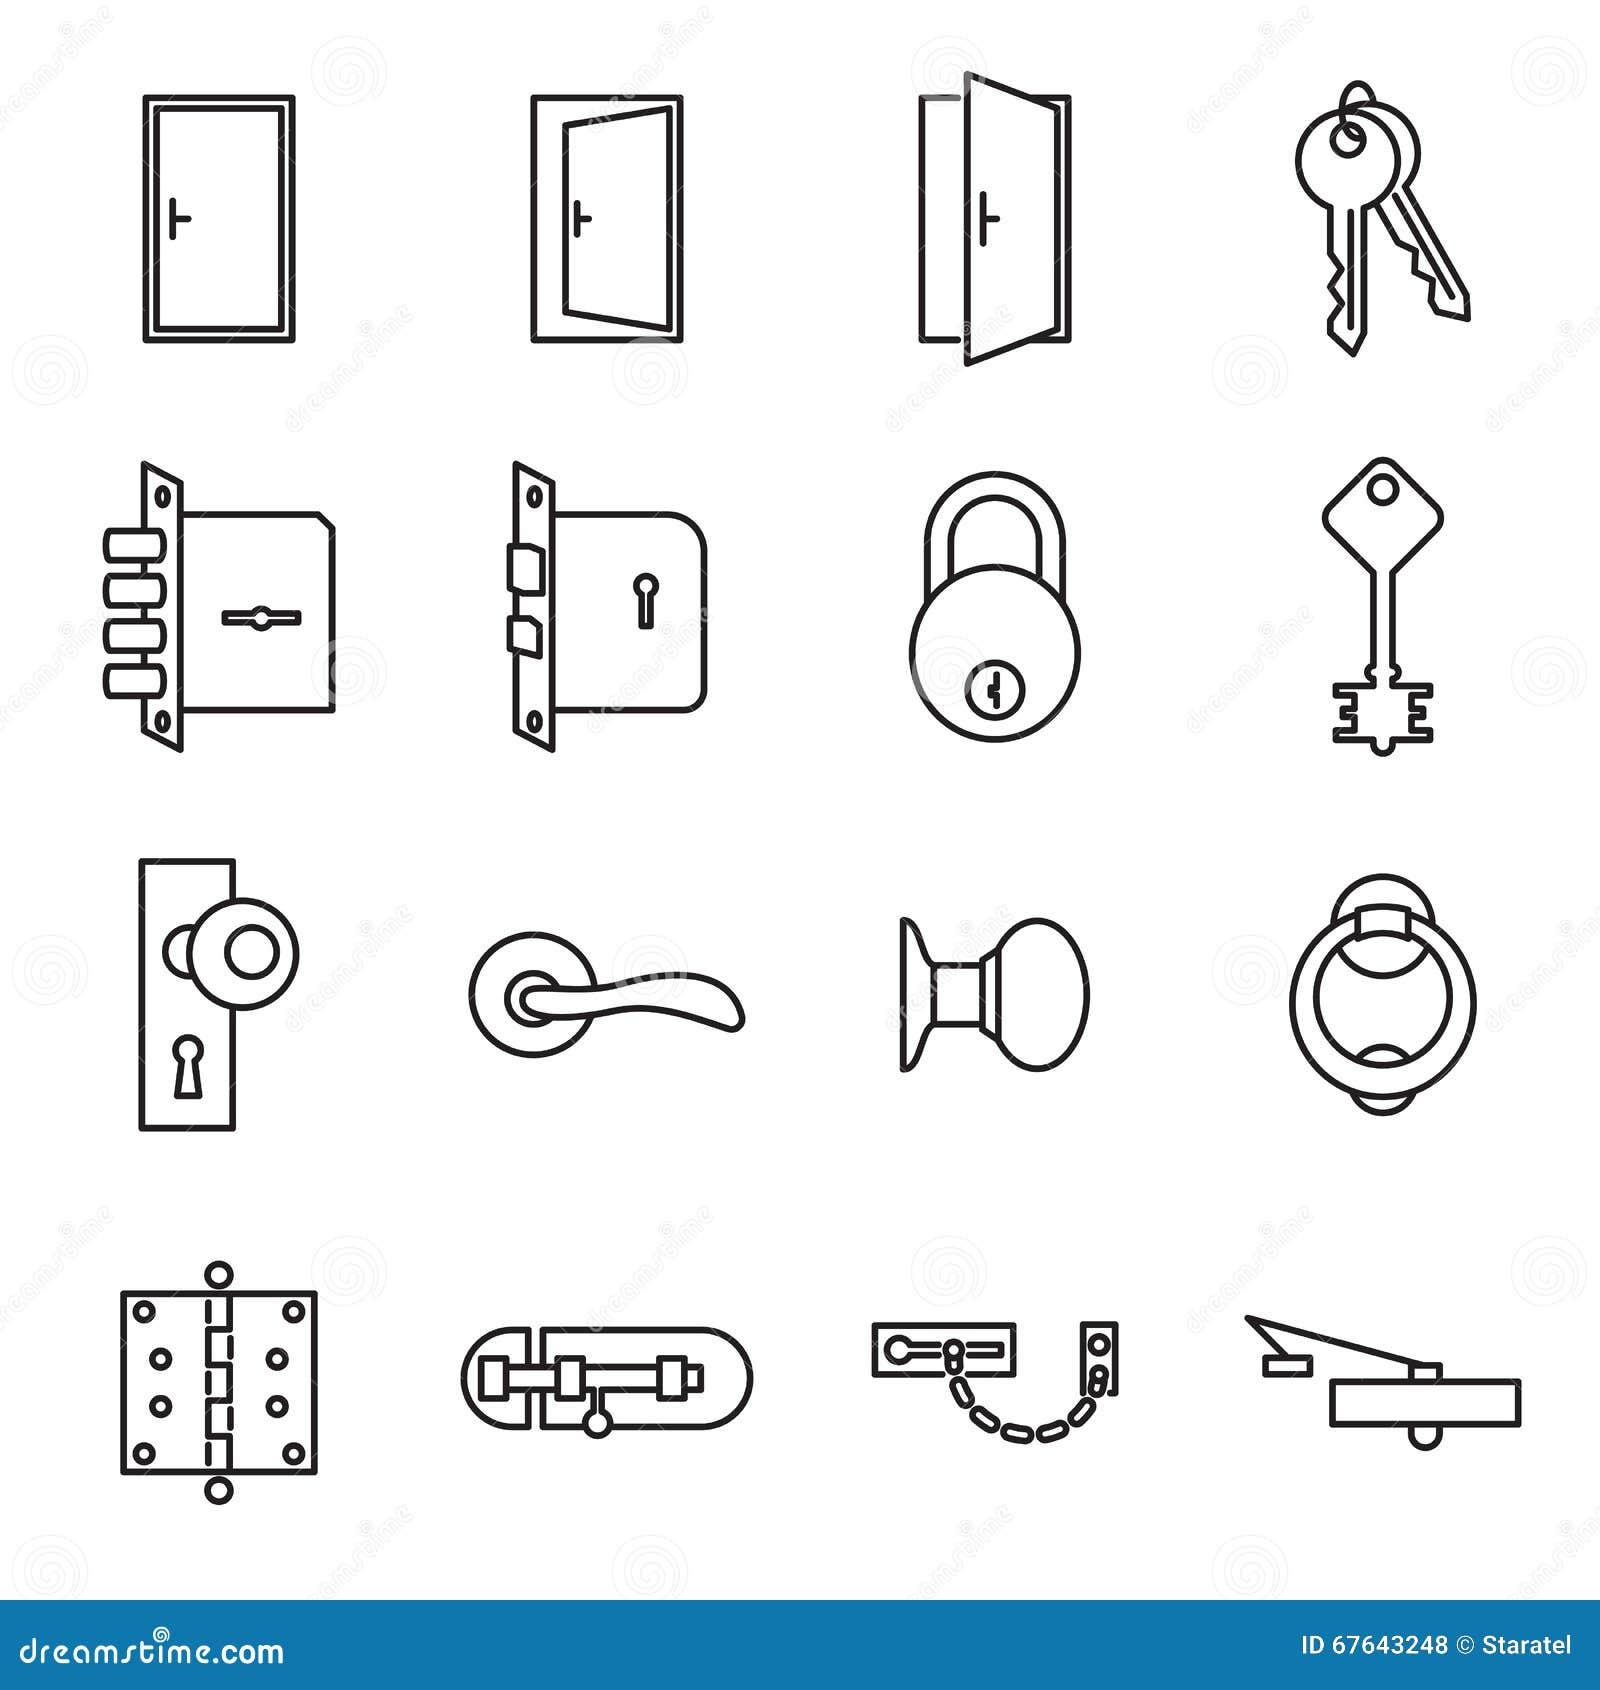 Symboler Släkta Dörrar Och Lås Vektor Illustrationer - Bild: 67643248